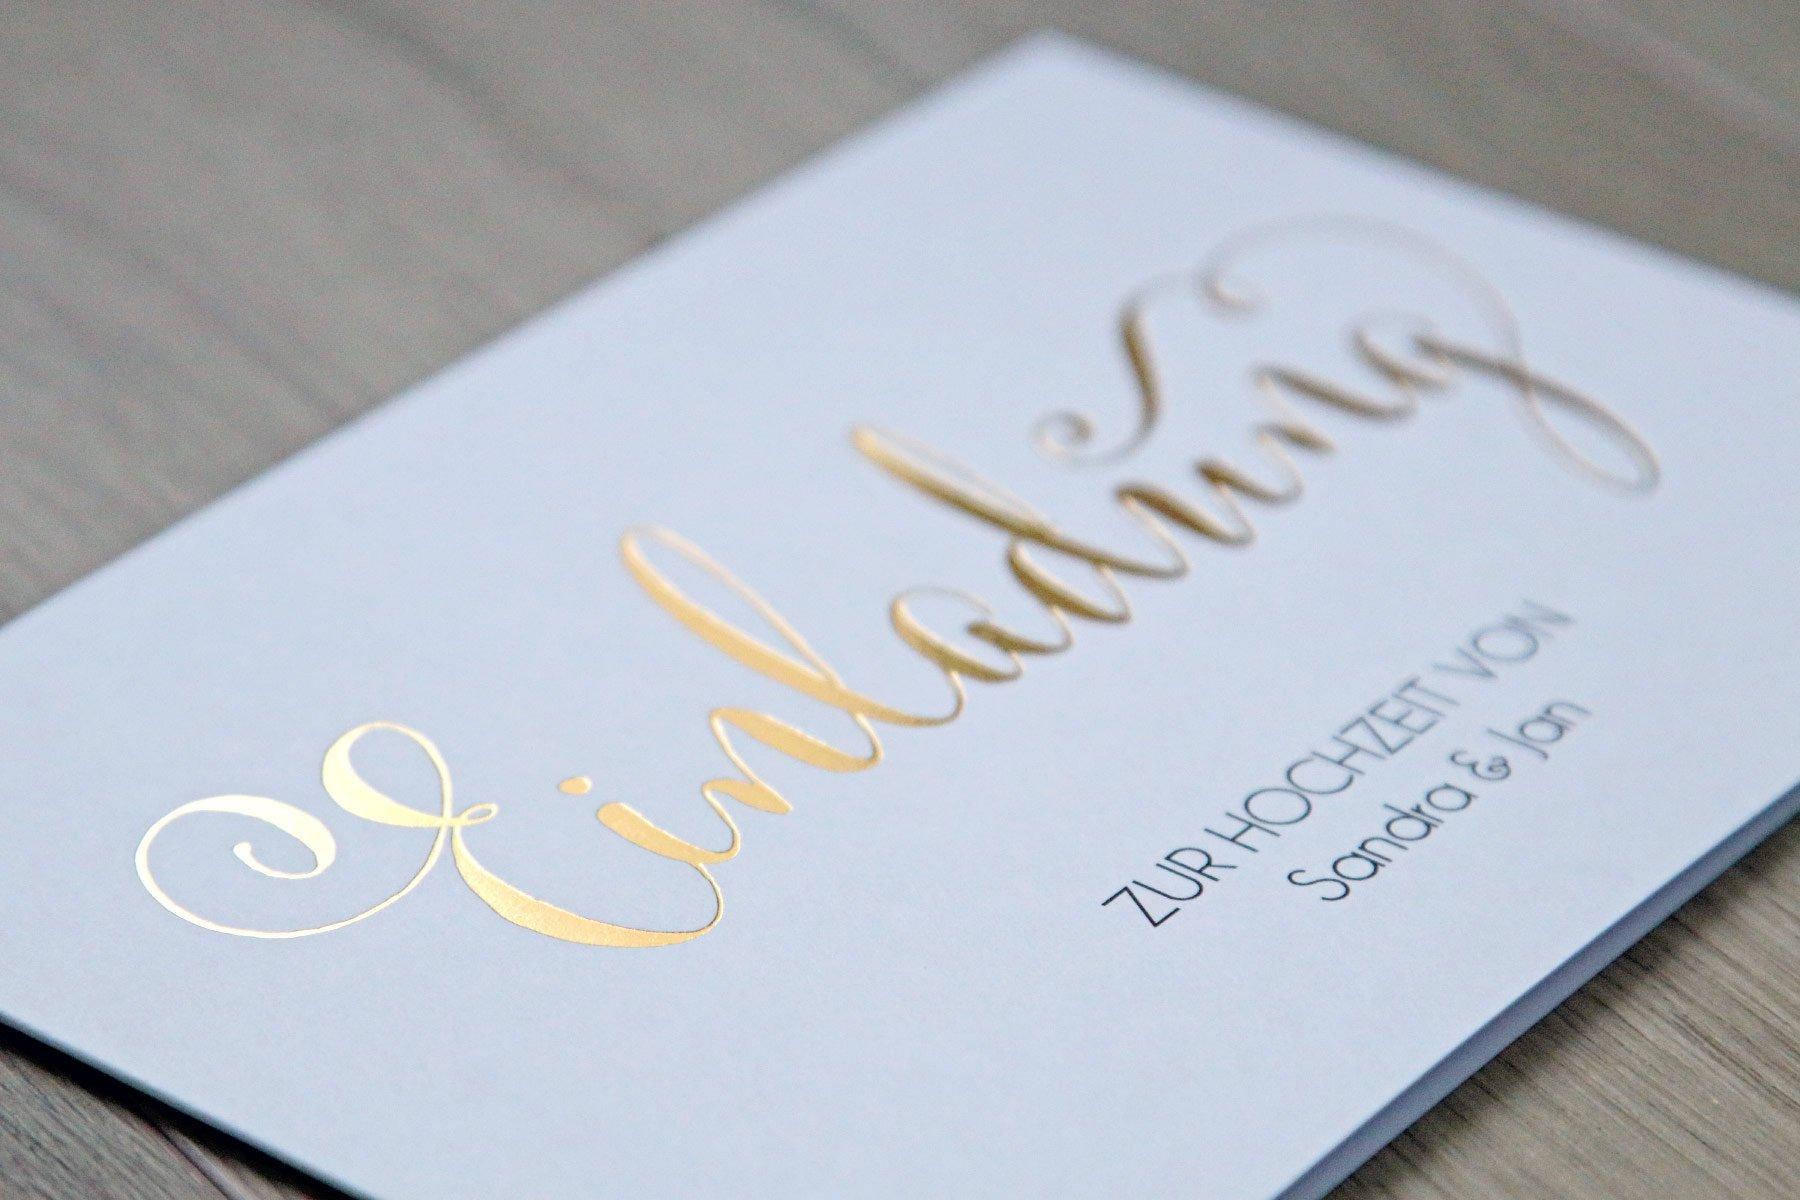 Hochzeitseinladung Für immer Premium von der kartenmacherei im Detail